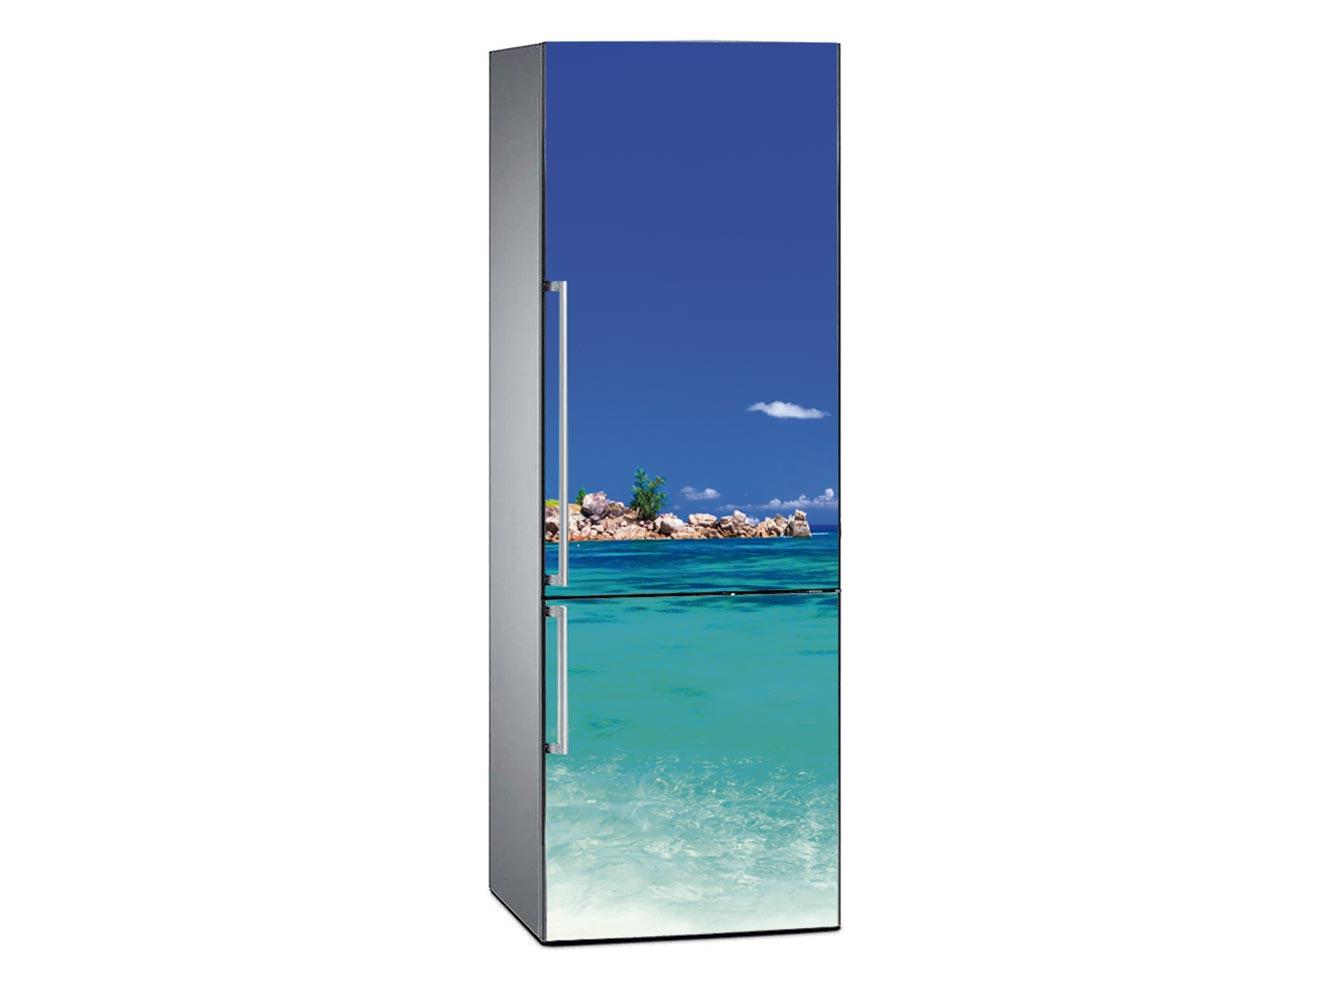 Vinilo Frigorífico Playa Tropical Cristalina | Carteles XXL - Impresión carteleria publicitaria